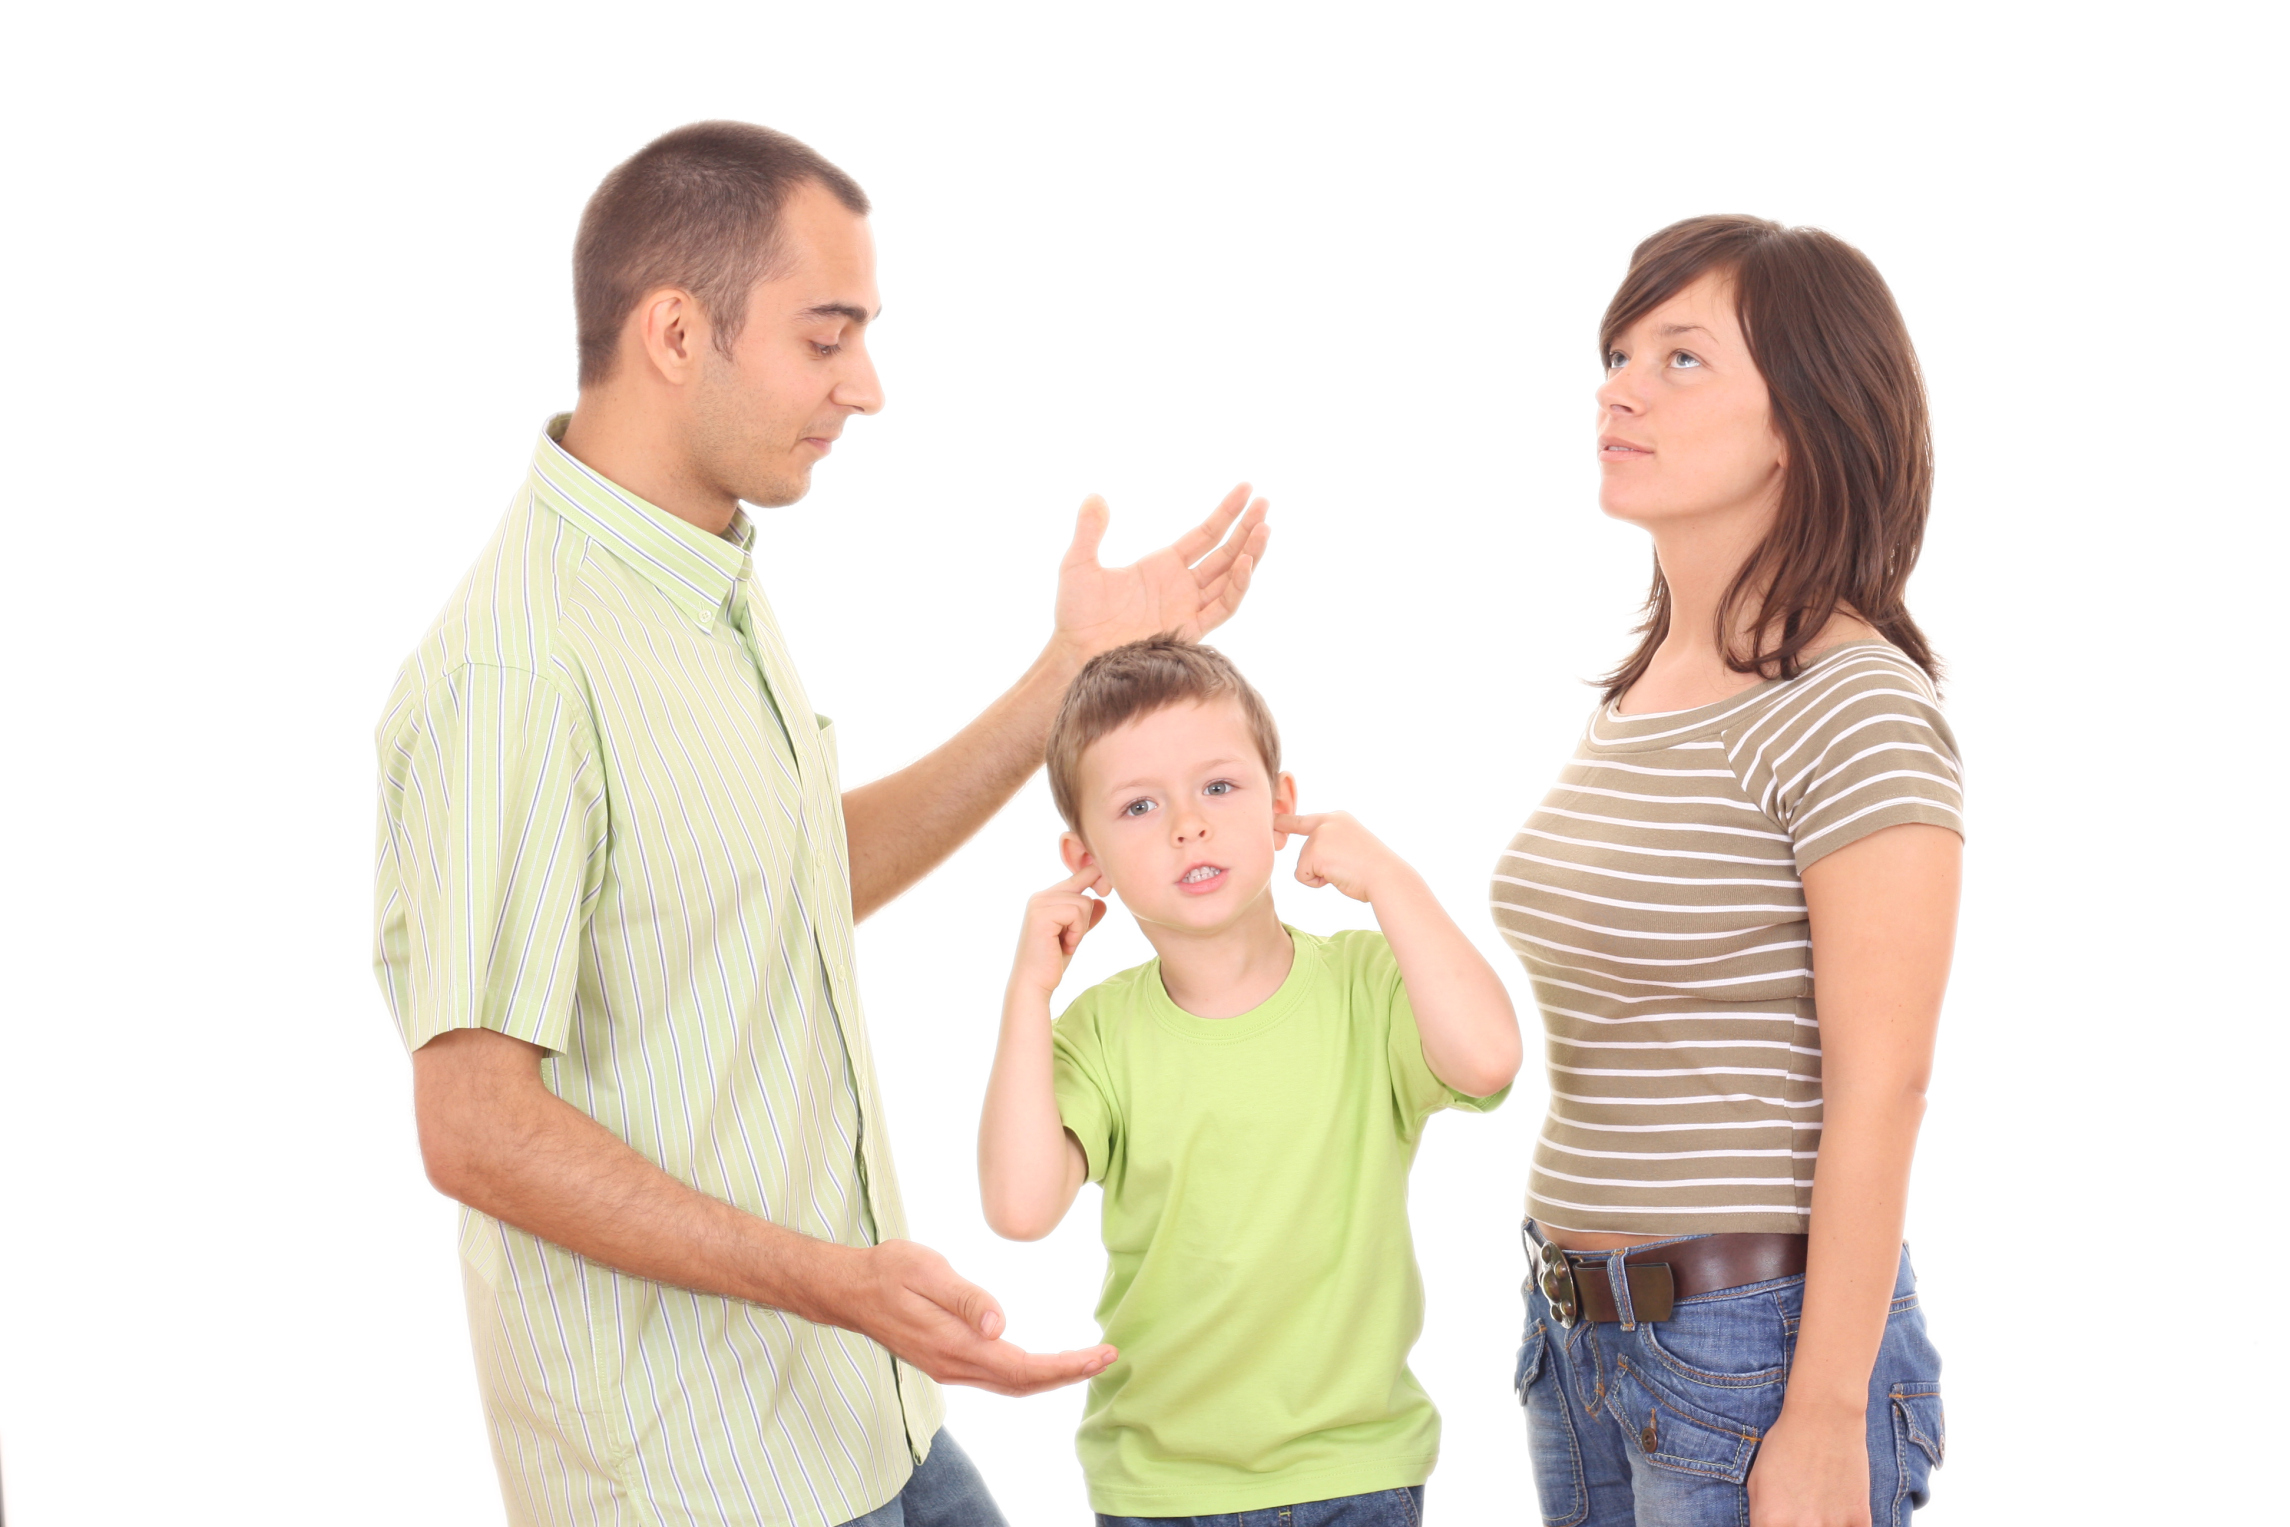 family arguing fighting